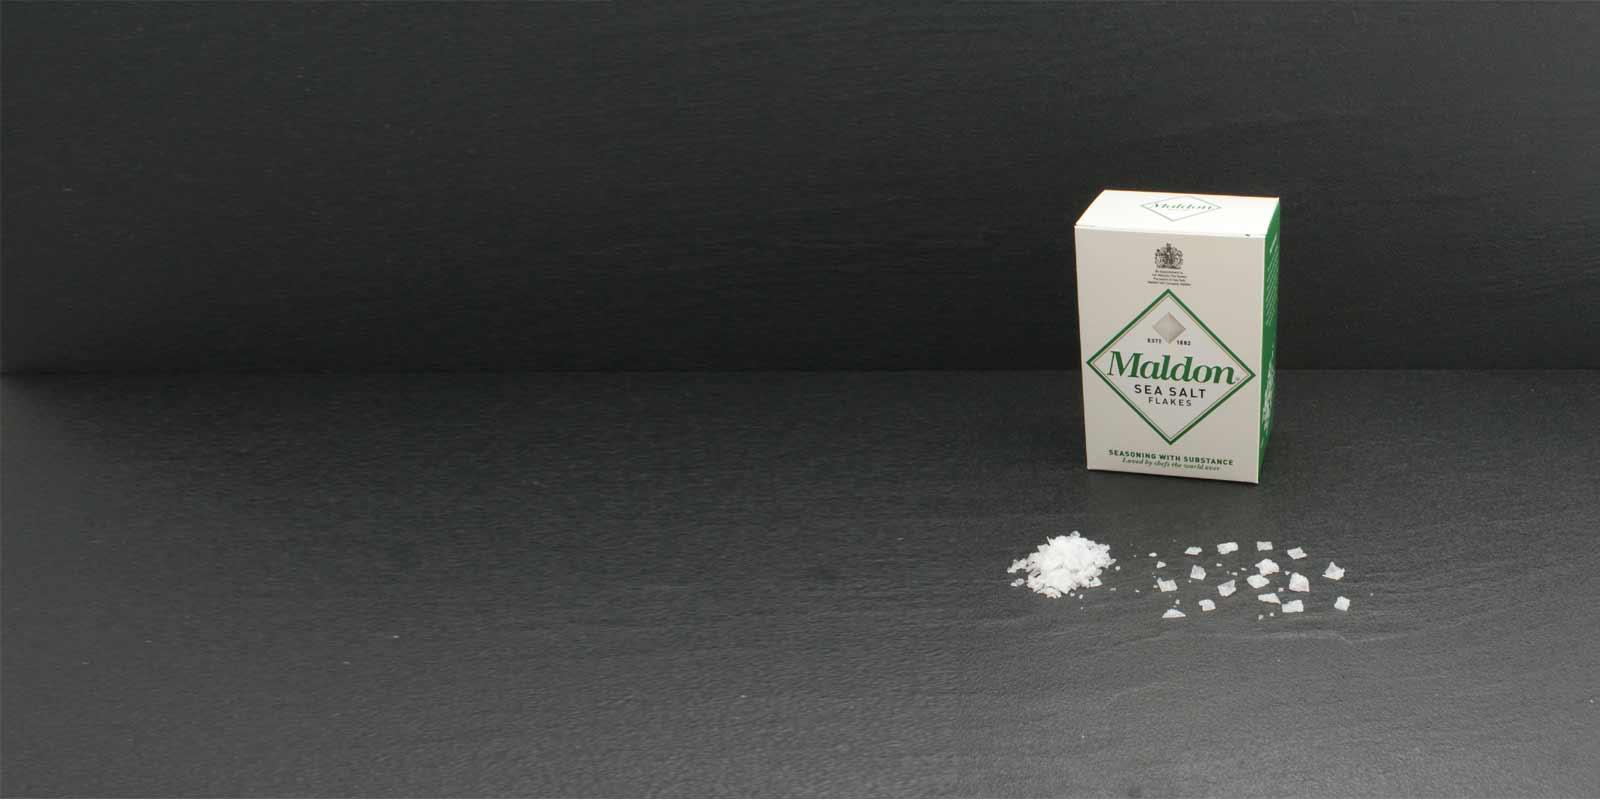 Maldon Sea Salt Flakes Kristalle Die charakteristischen, pyramidenförmigen Salzkristalle sind hauchdünn und lassen sich zum Würzen ganz einfach zwischen den Fingern zerreiben. Gewonnen wird das kostbare Salz von der Maldon Sea Salt Company, der einzigen Salzgewinnungsfirma Englands. Der kleine Familienbetrieb verarbeitet und vertreibt das Salz seit 1882. Maldon Sea Salt ist nur in beschränkten Mengen verfügbar.